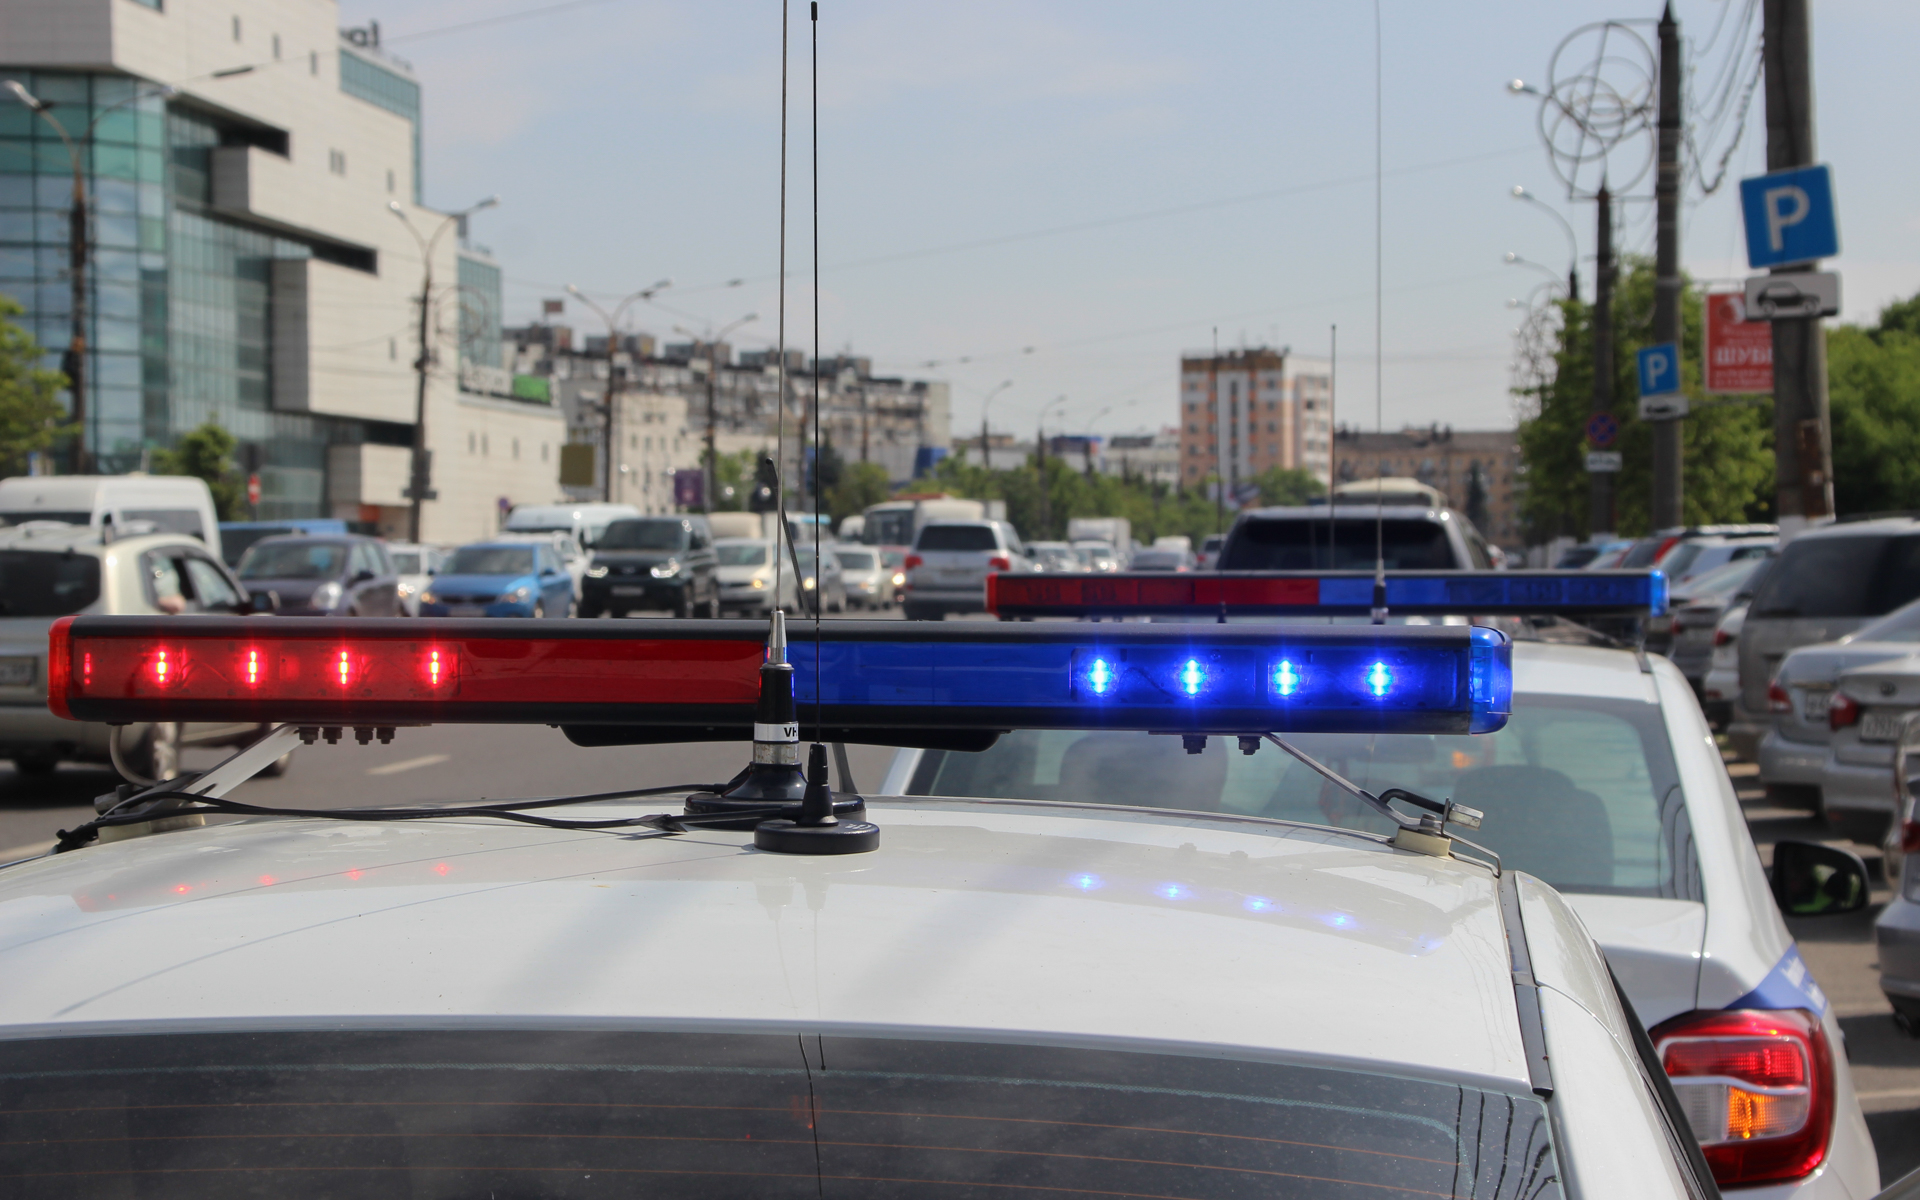 В ГИБДД Твери напомнили детям и родителям о безопасности в преддверии летних каникул - новости Афанасий